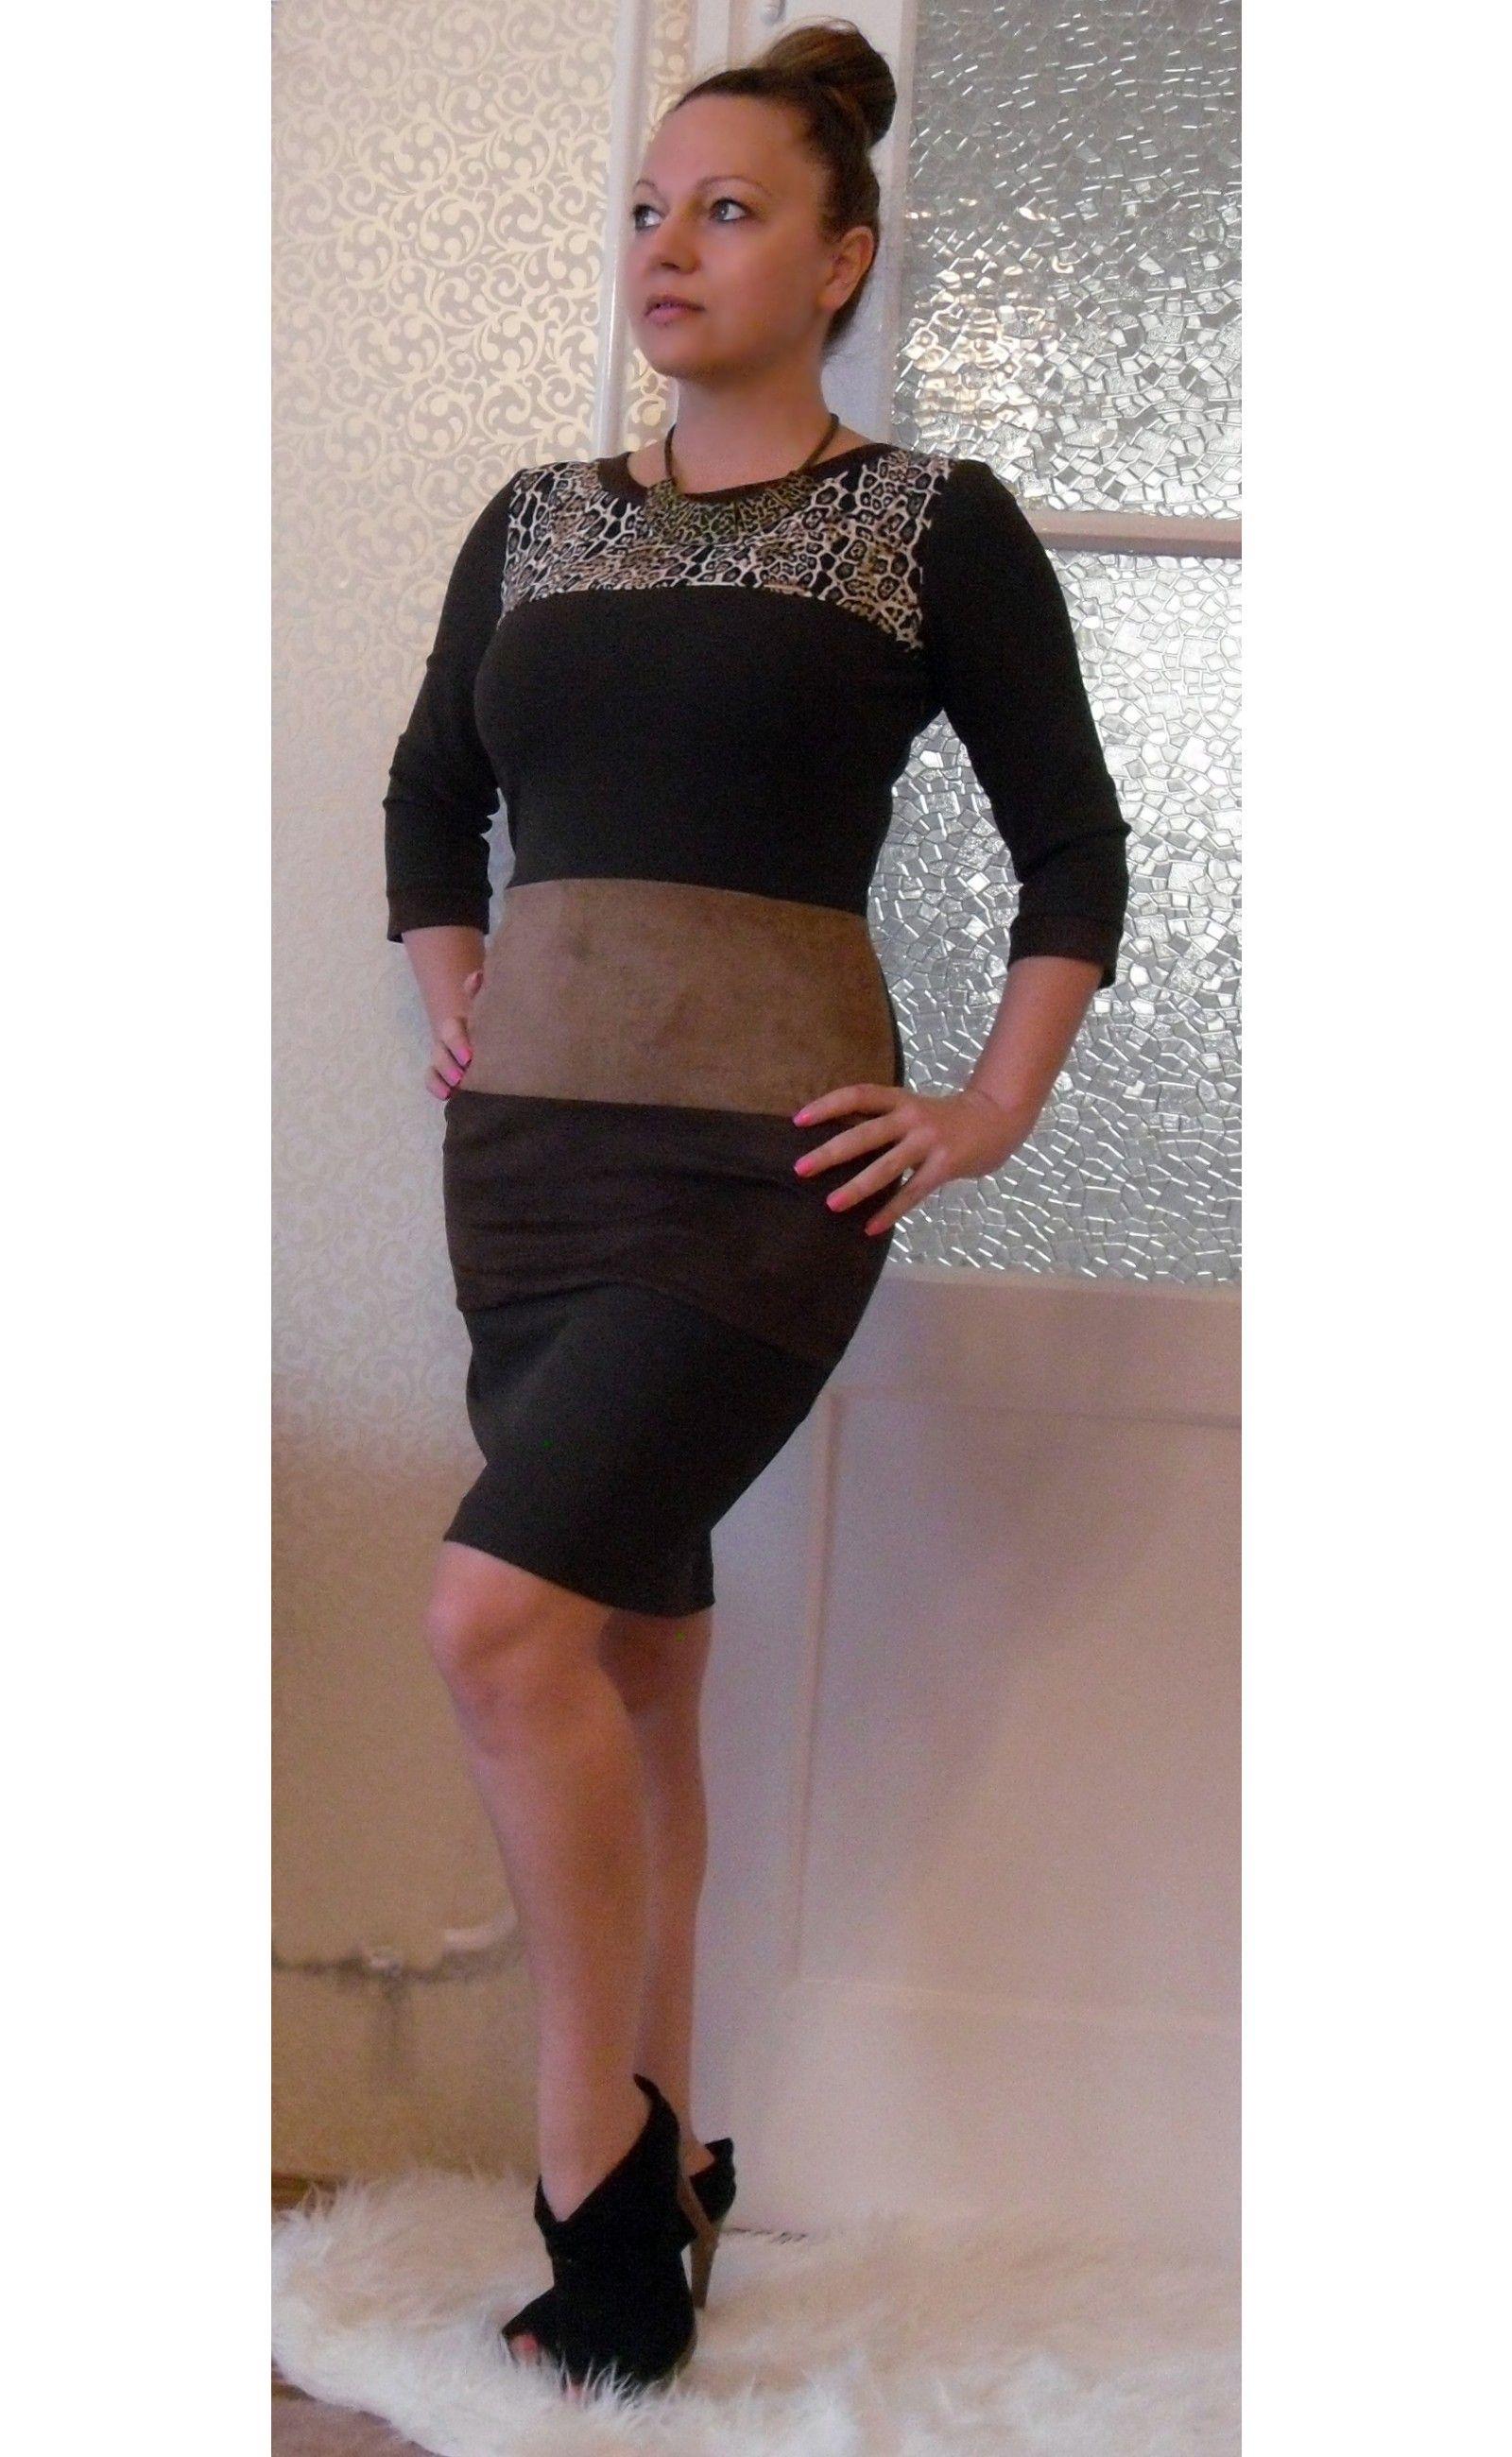 a04334f59e Barna alkalmi ruha párduc betéttel - Akciós ruhák - Női Ruha Webáruház,  Alkalmi ruha webshop tunika, Felső